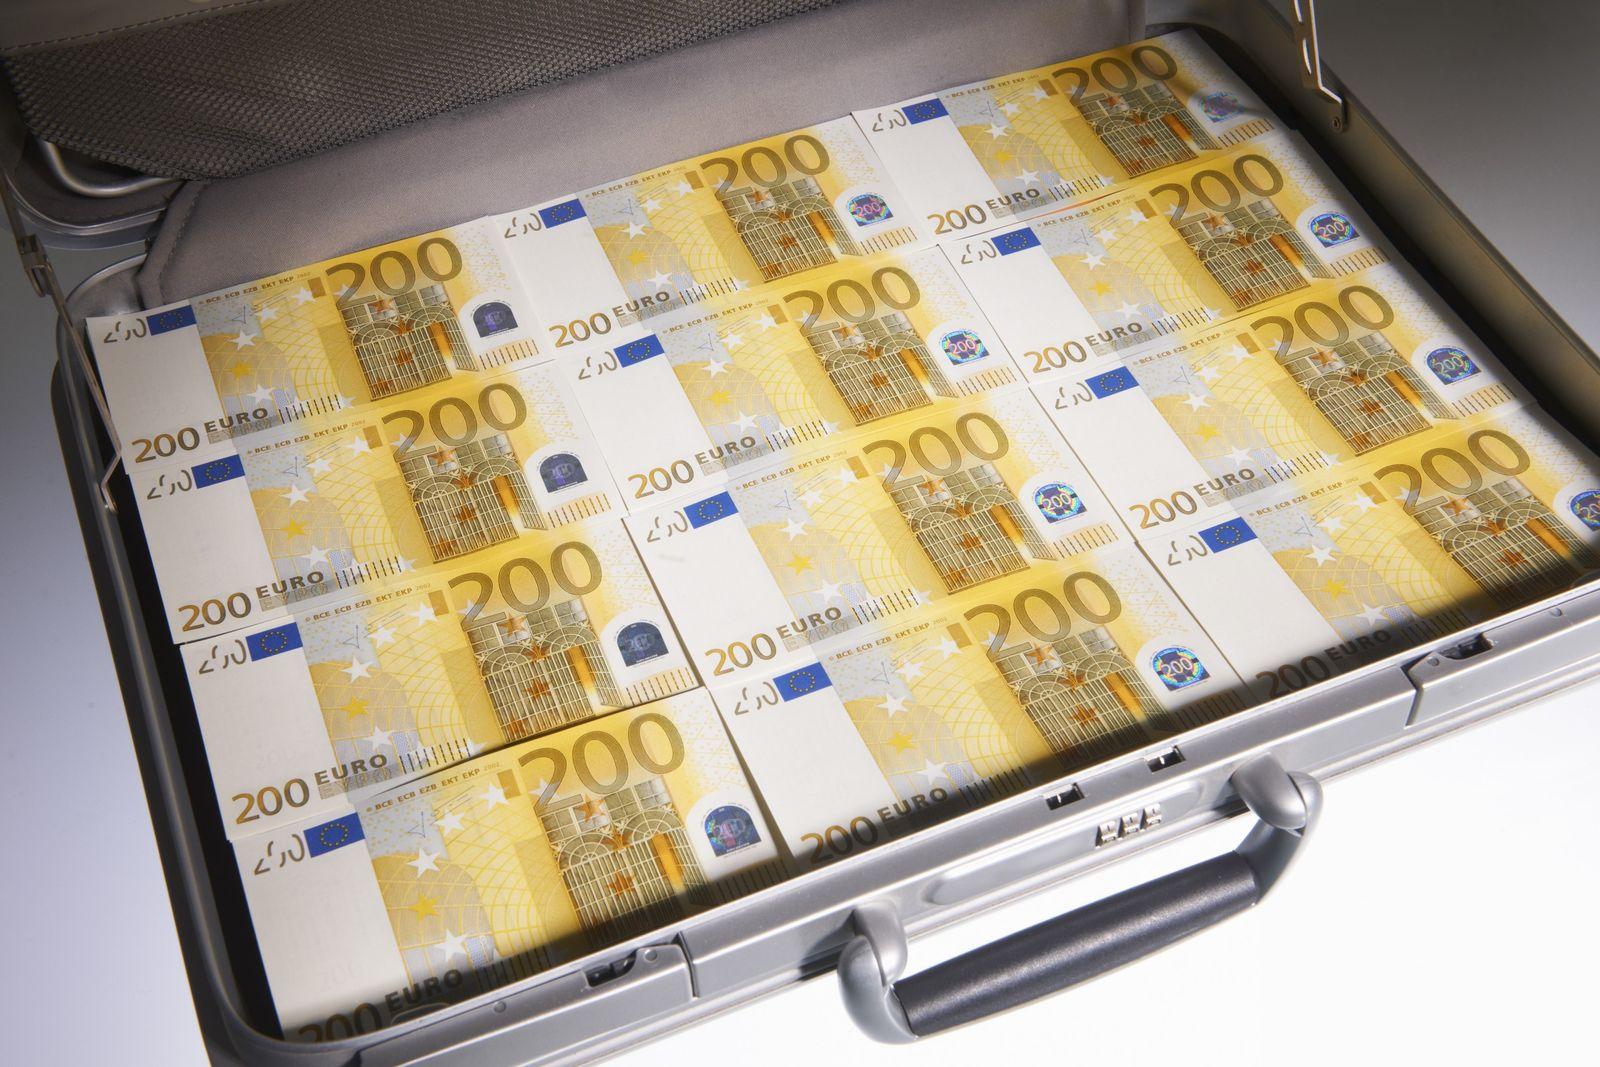 NICHT MEHR VERWENDEN! - Geld/ Geldwäsche/ Deutschland